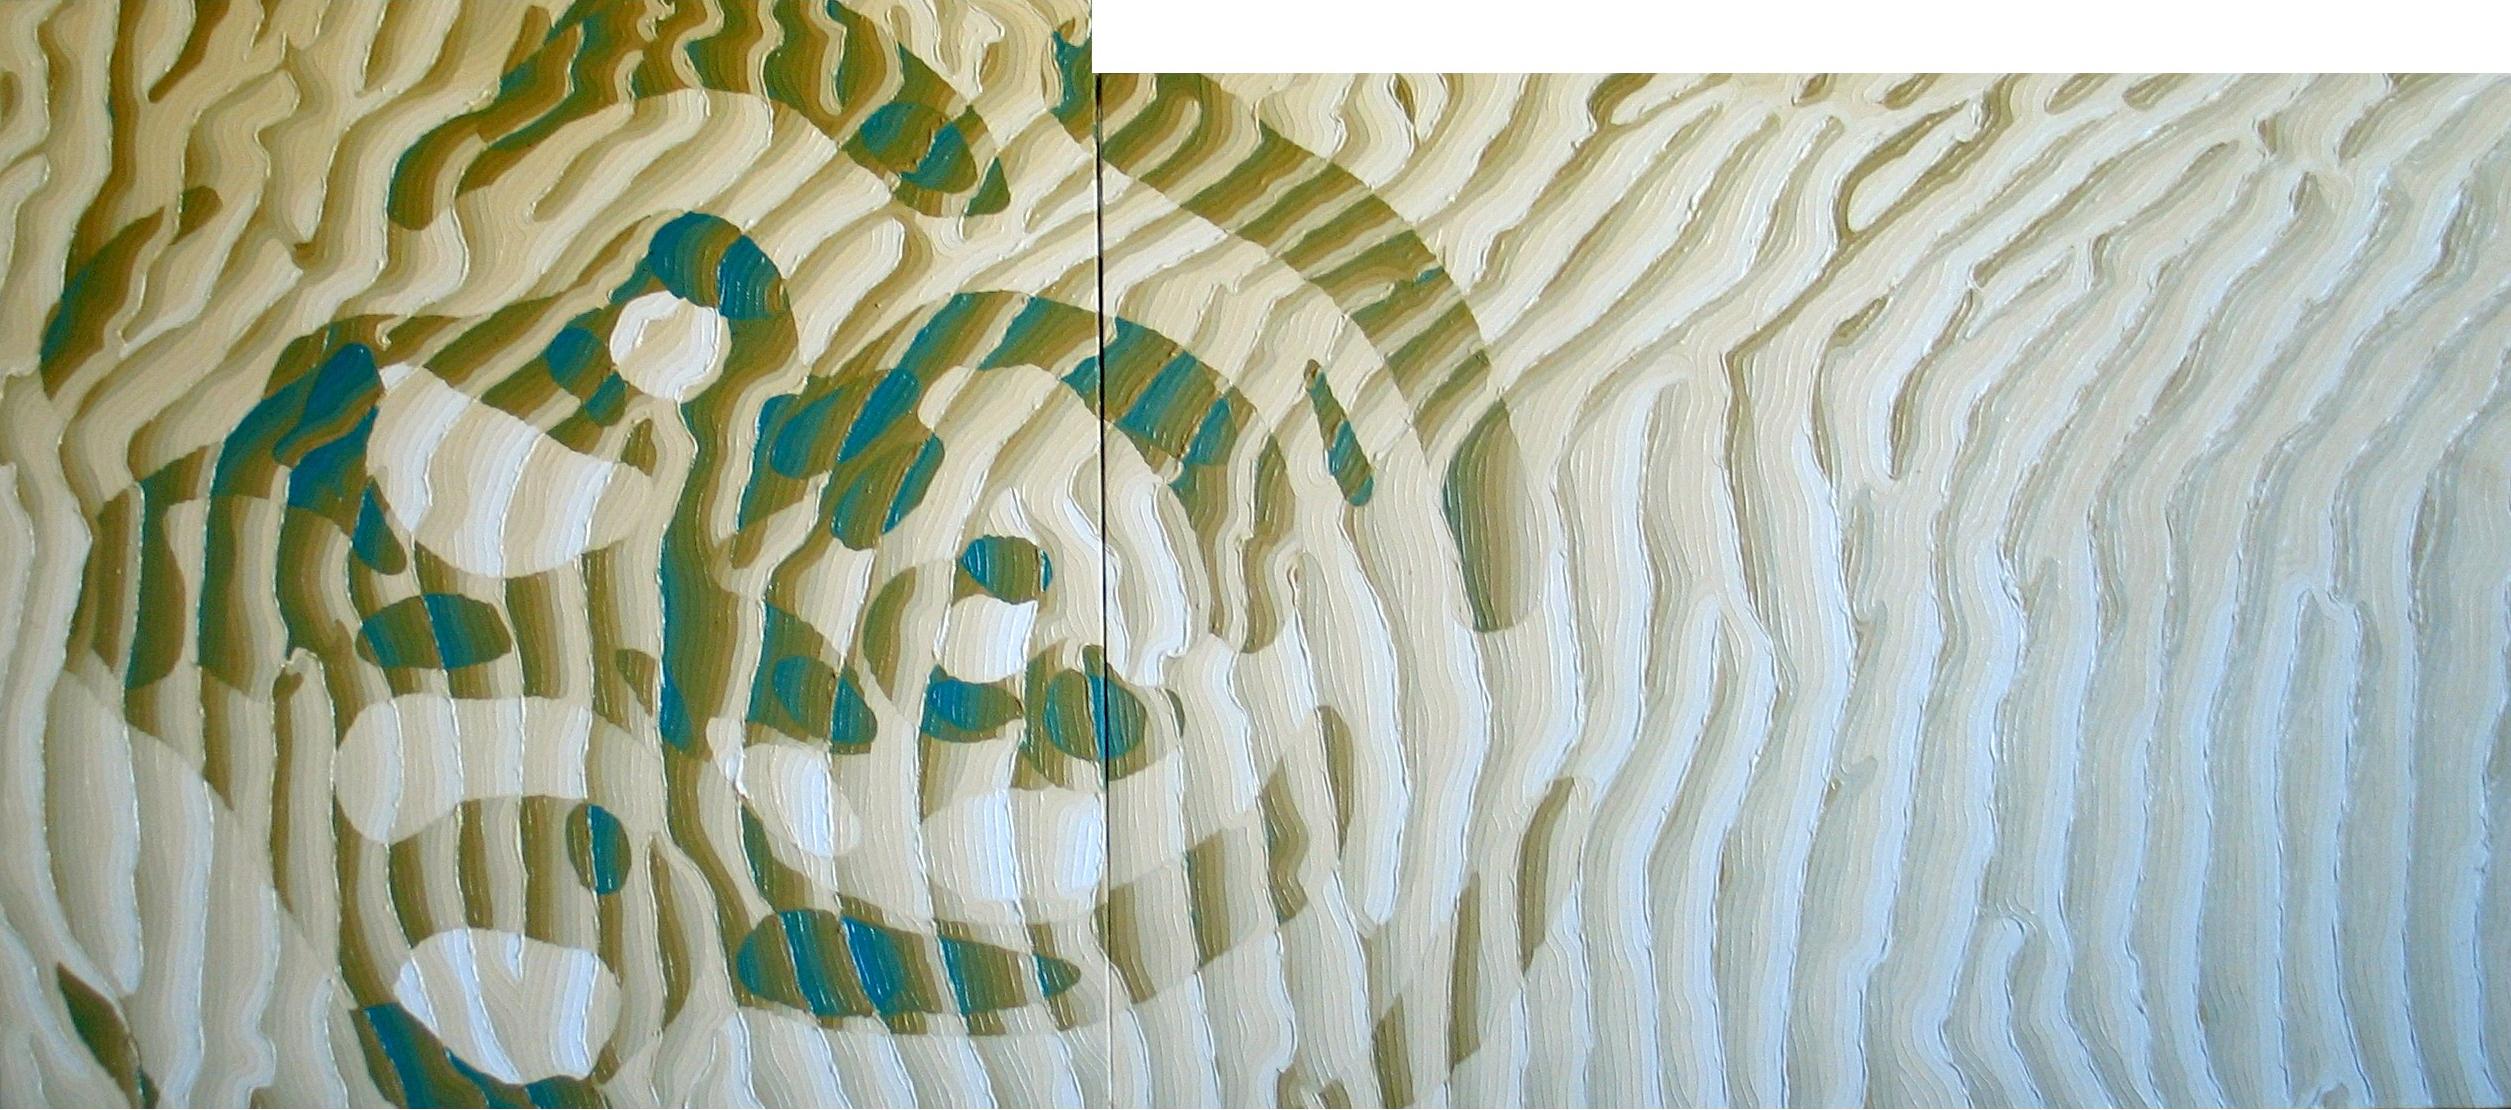 228 - Oil on canvas 100X220 cm.jpg